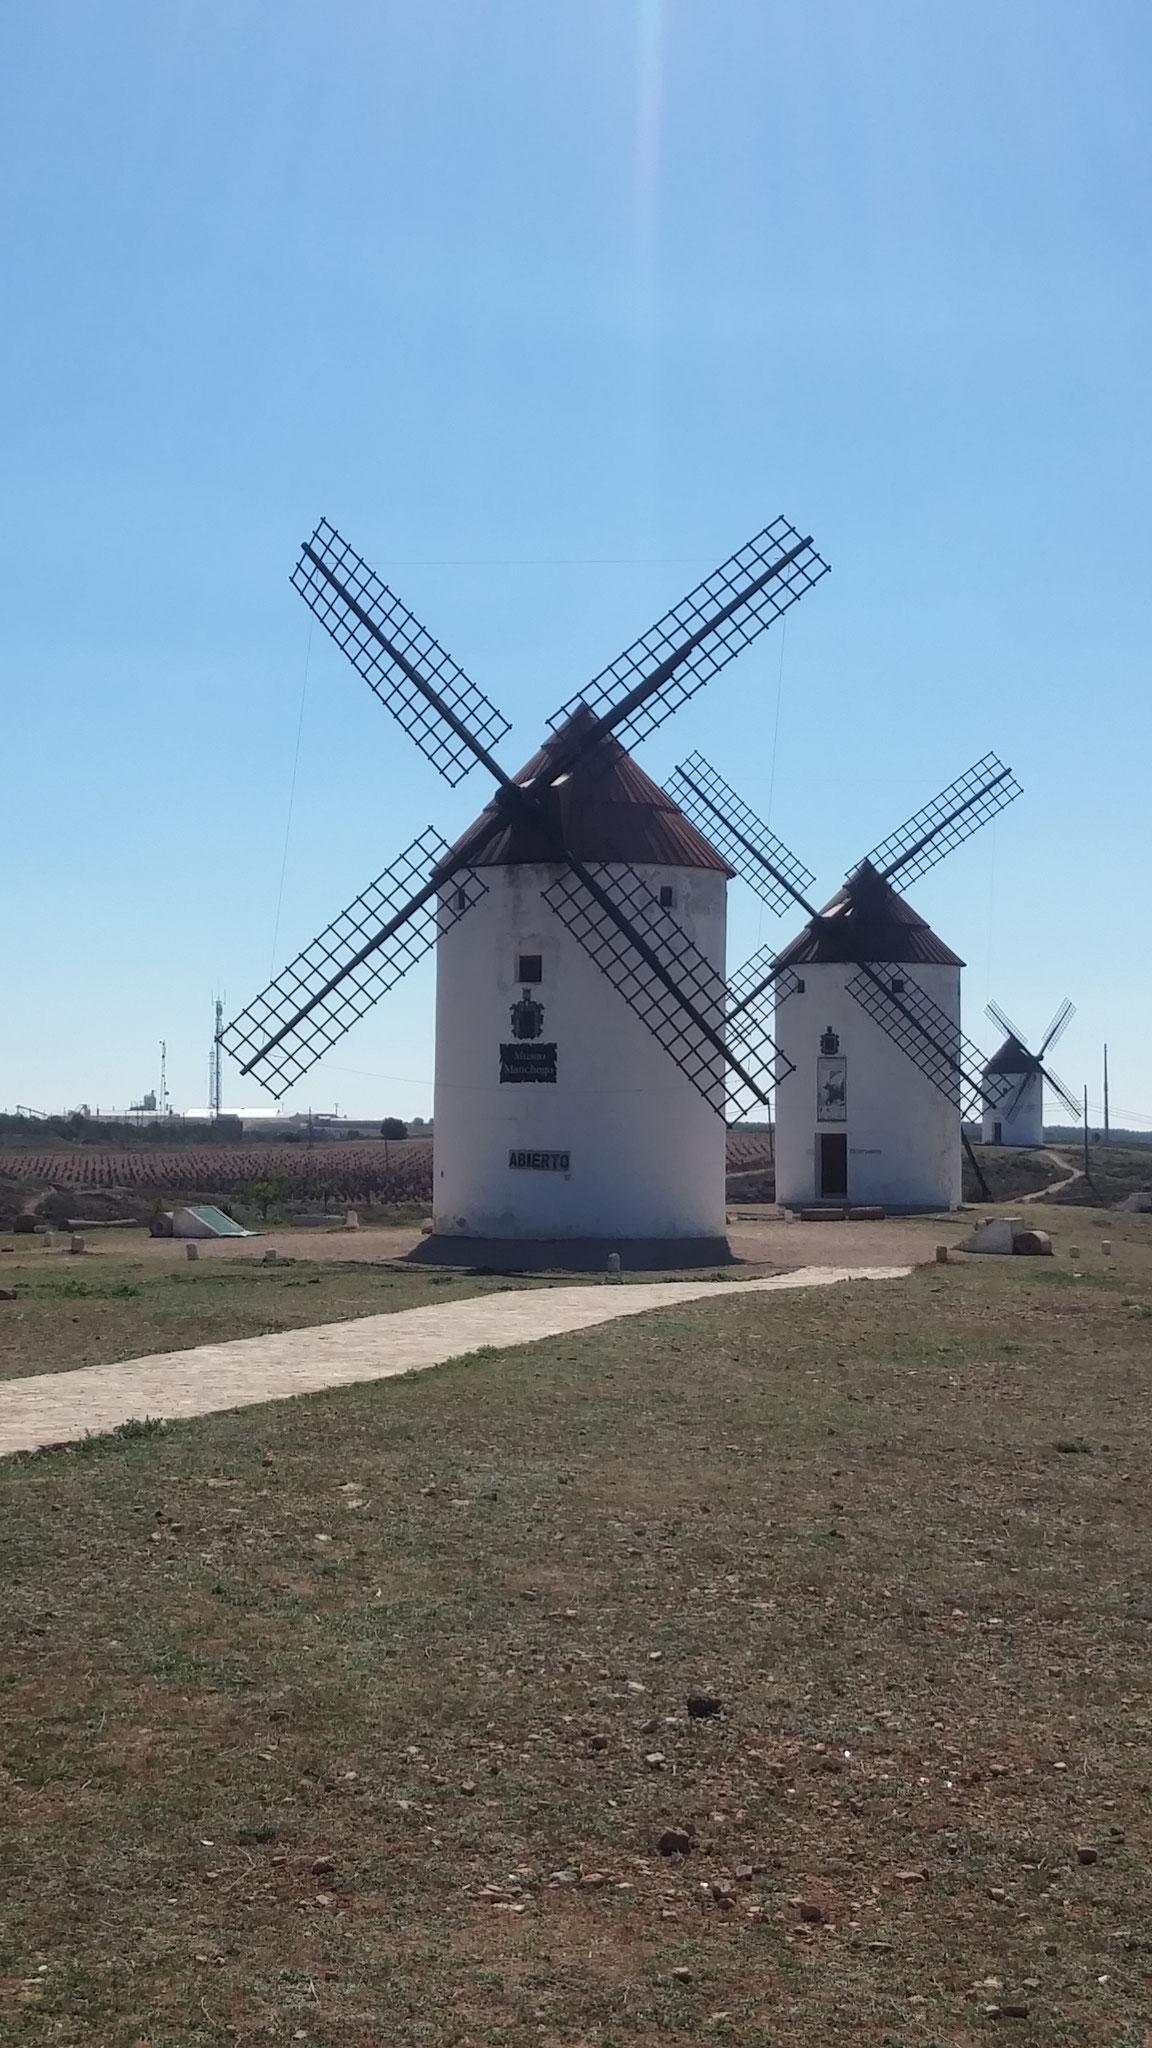 Les moulins de Mota del cuervo